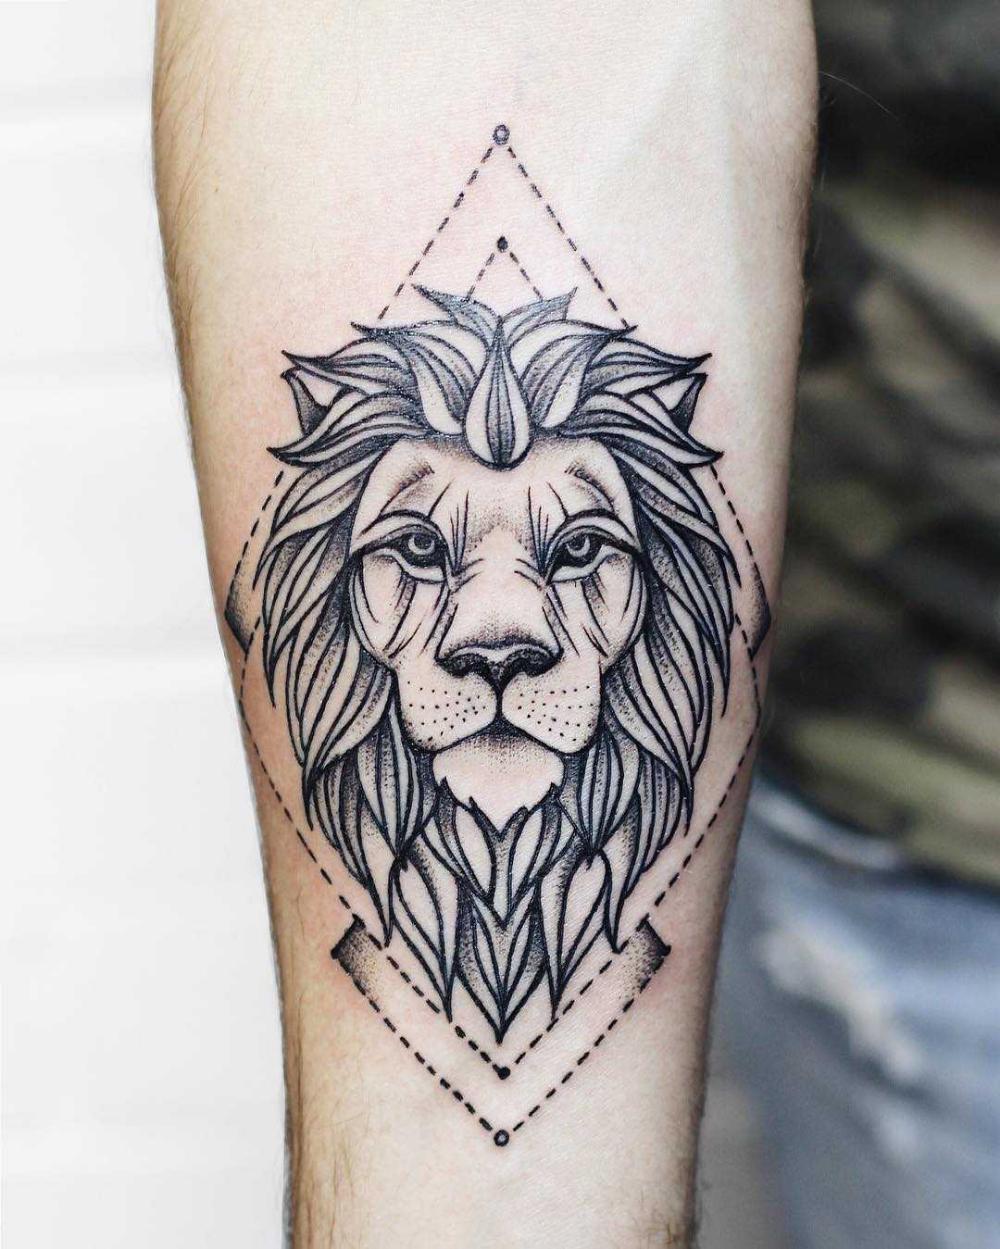 Crisp Lion Tattoo In 2020 Geometric Lion Tattoo Lion Tattoo Arm Tattoo